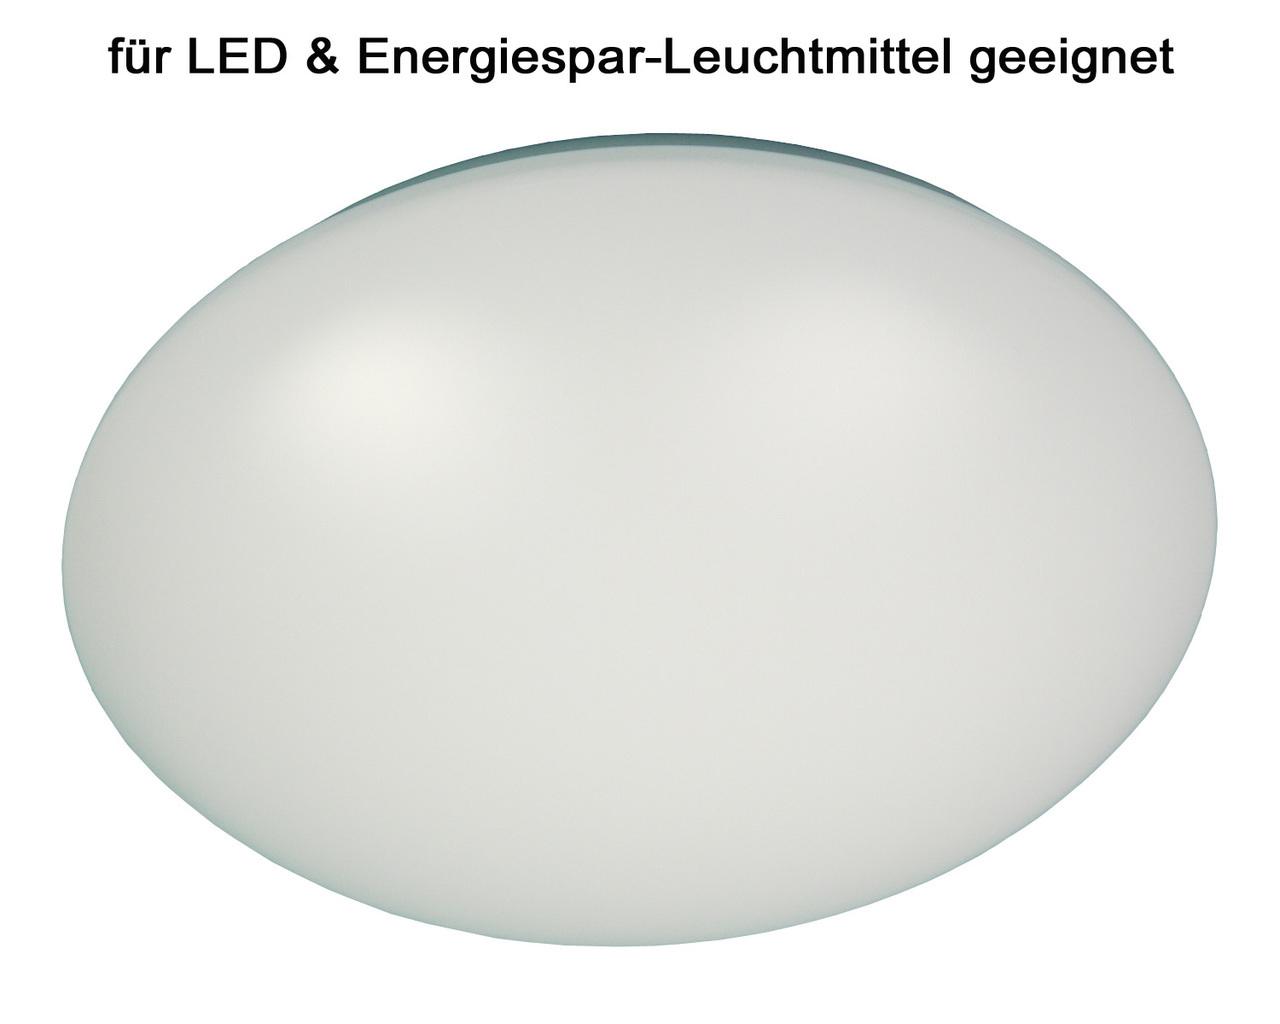 Niermann Kinderleuchte Deckenleuchte Kunststoff PMMA, Weiß, Kunststoff/Metall, 68036